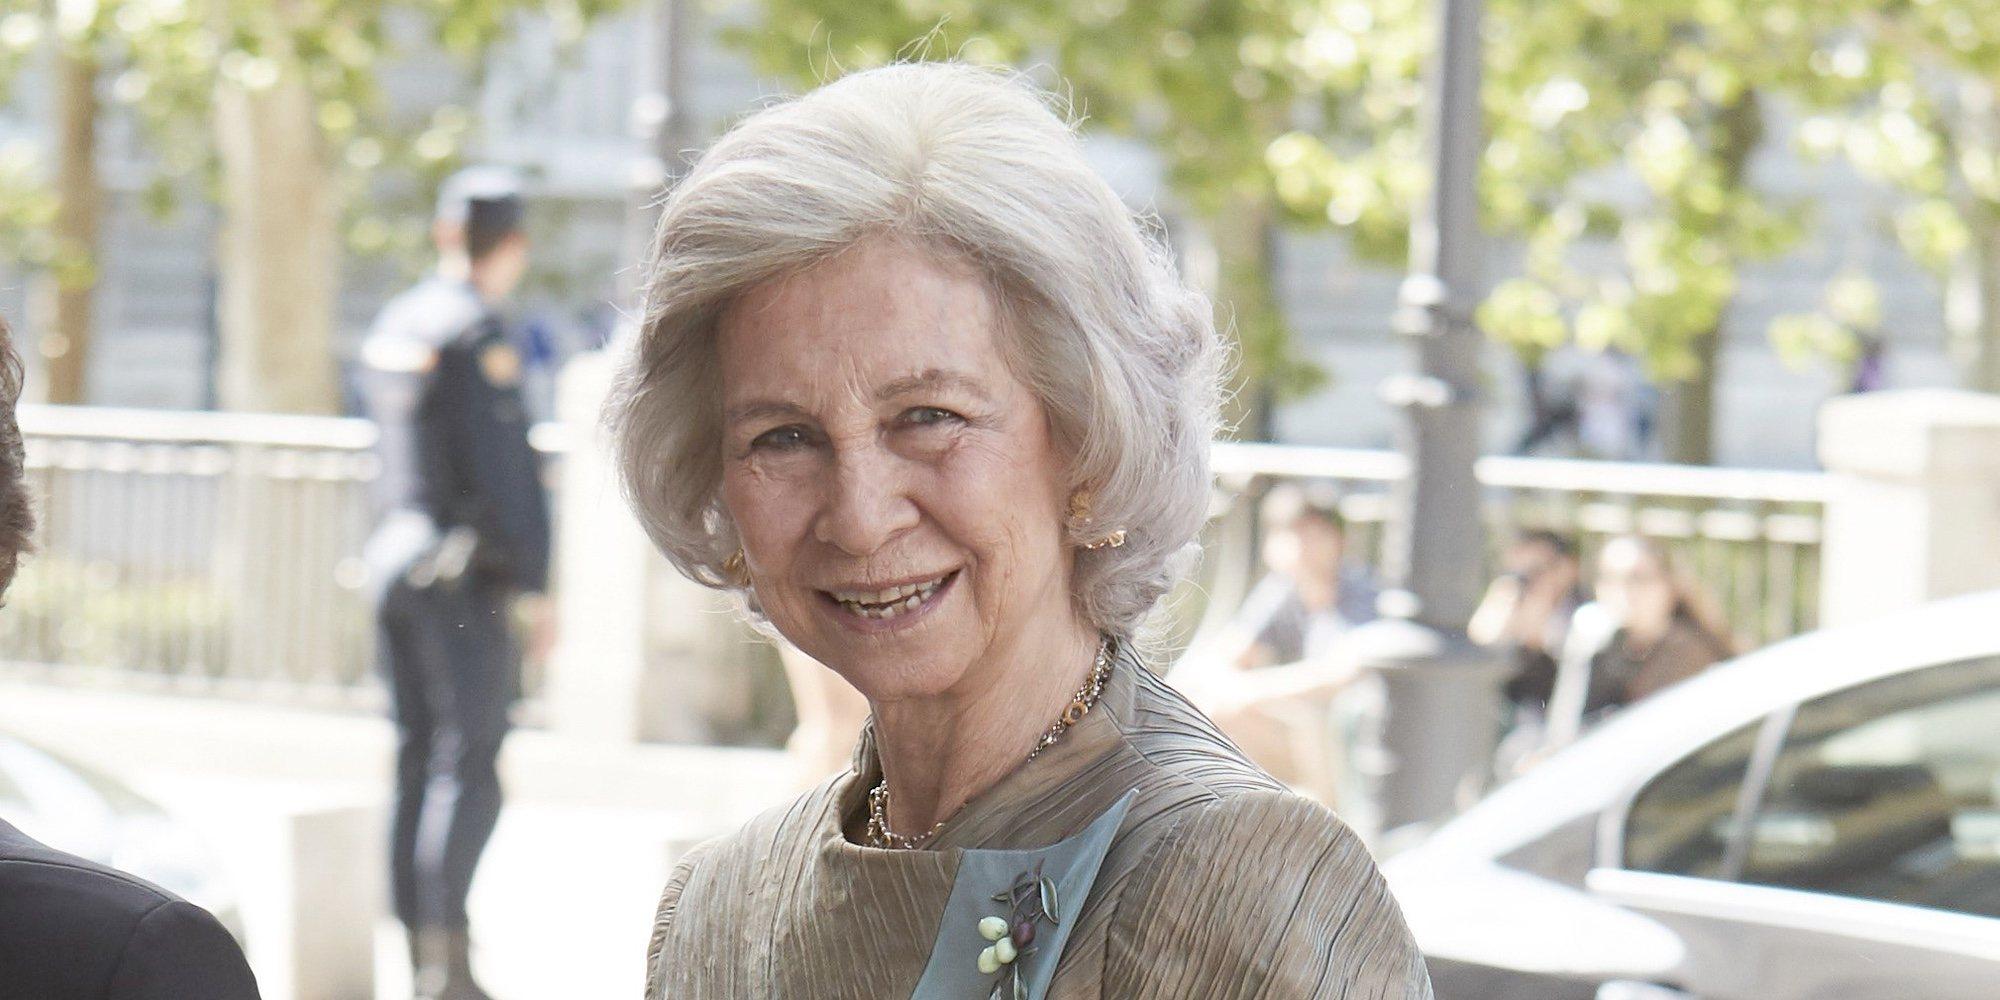 La felicitación personal de la Reina Sofía a 'Cuatro al día' por su lucha contra el plástico